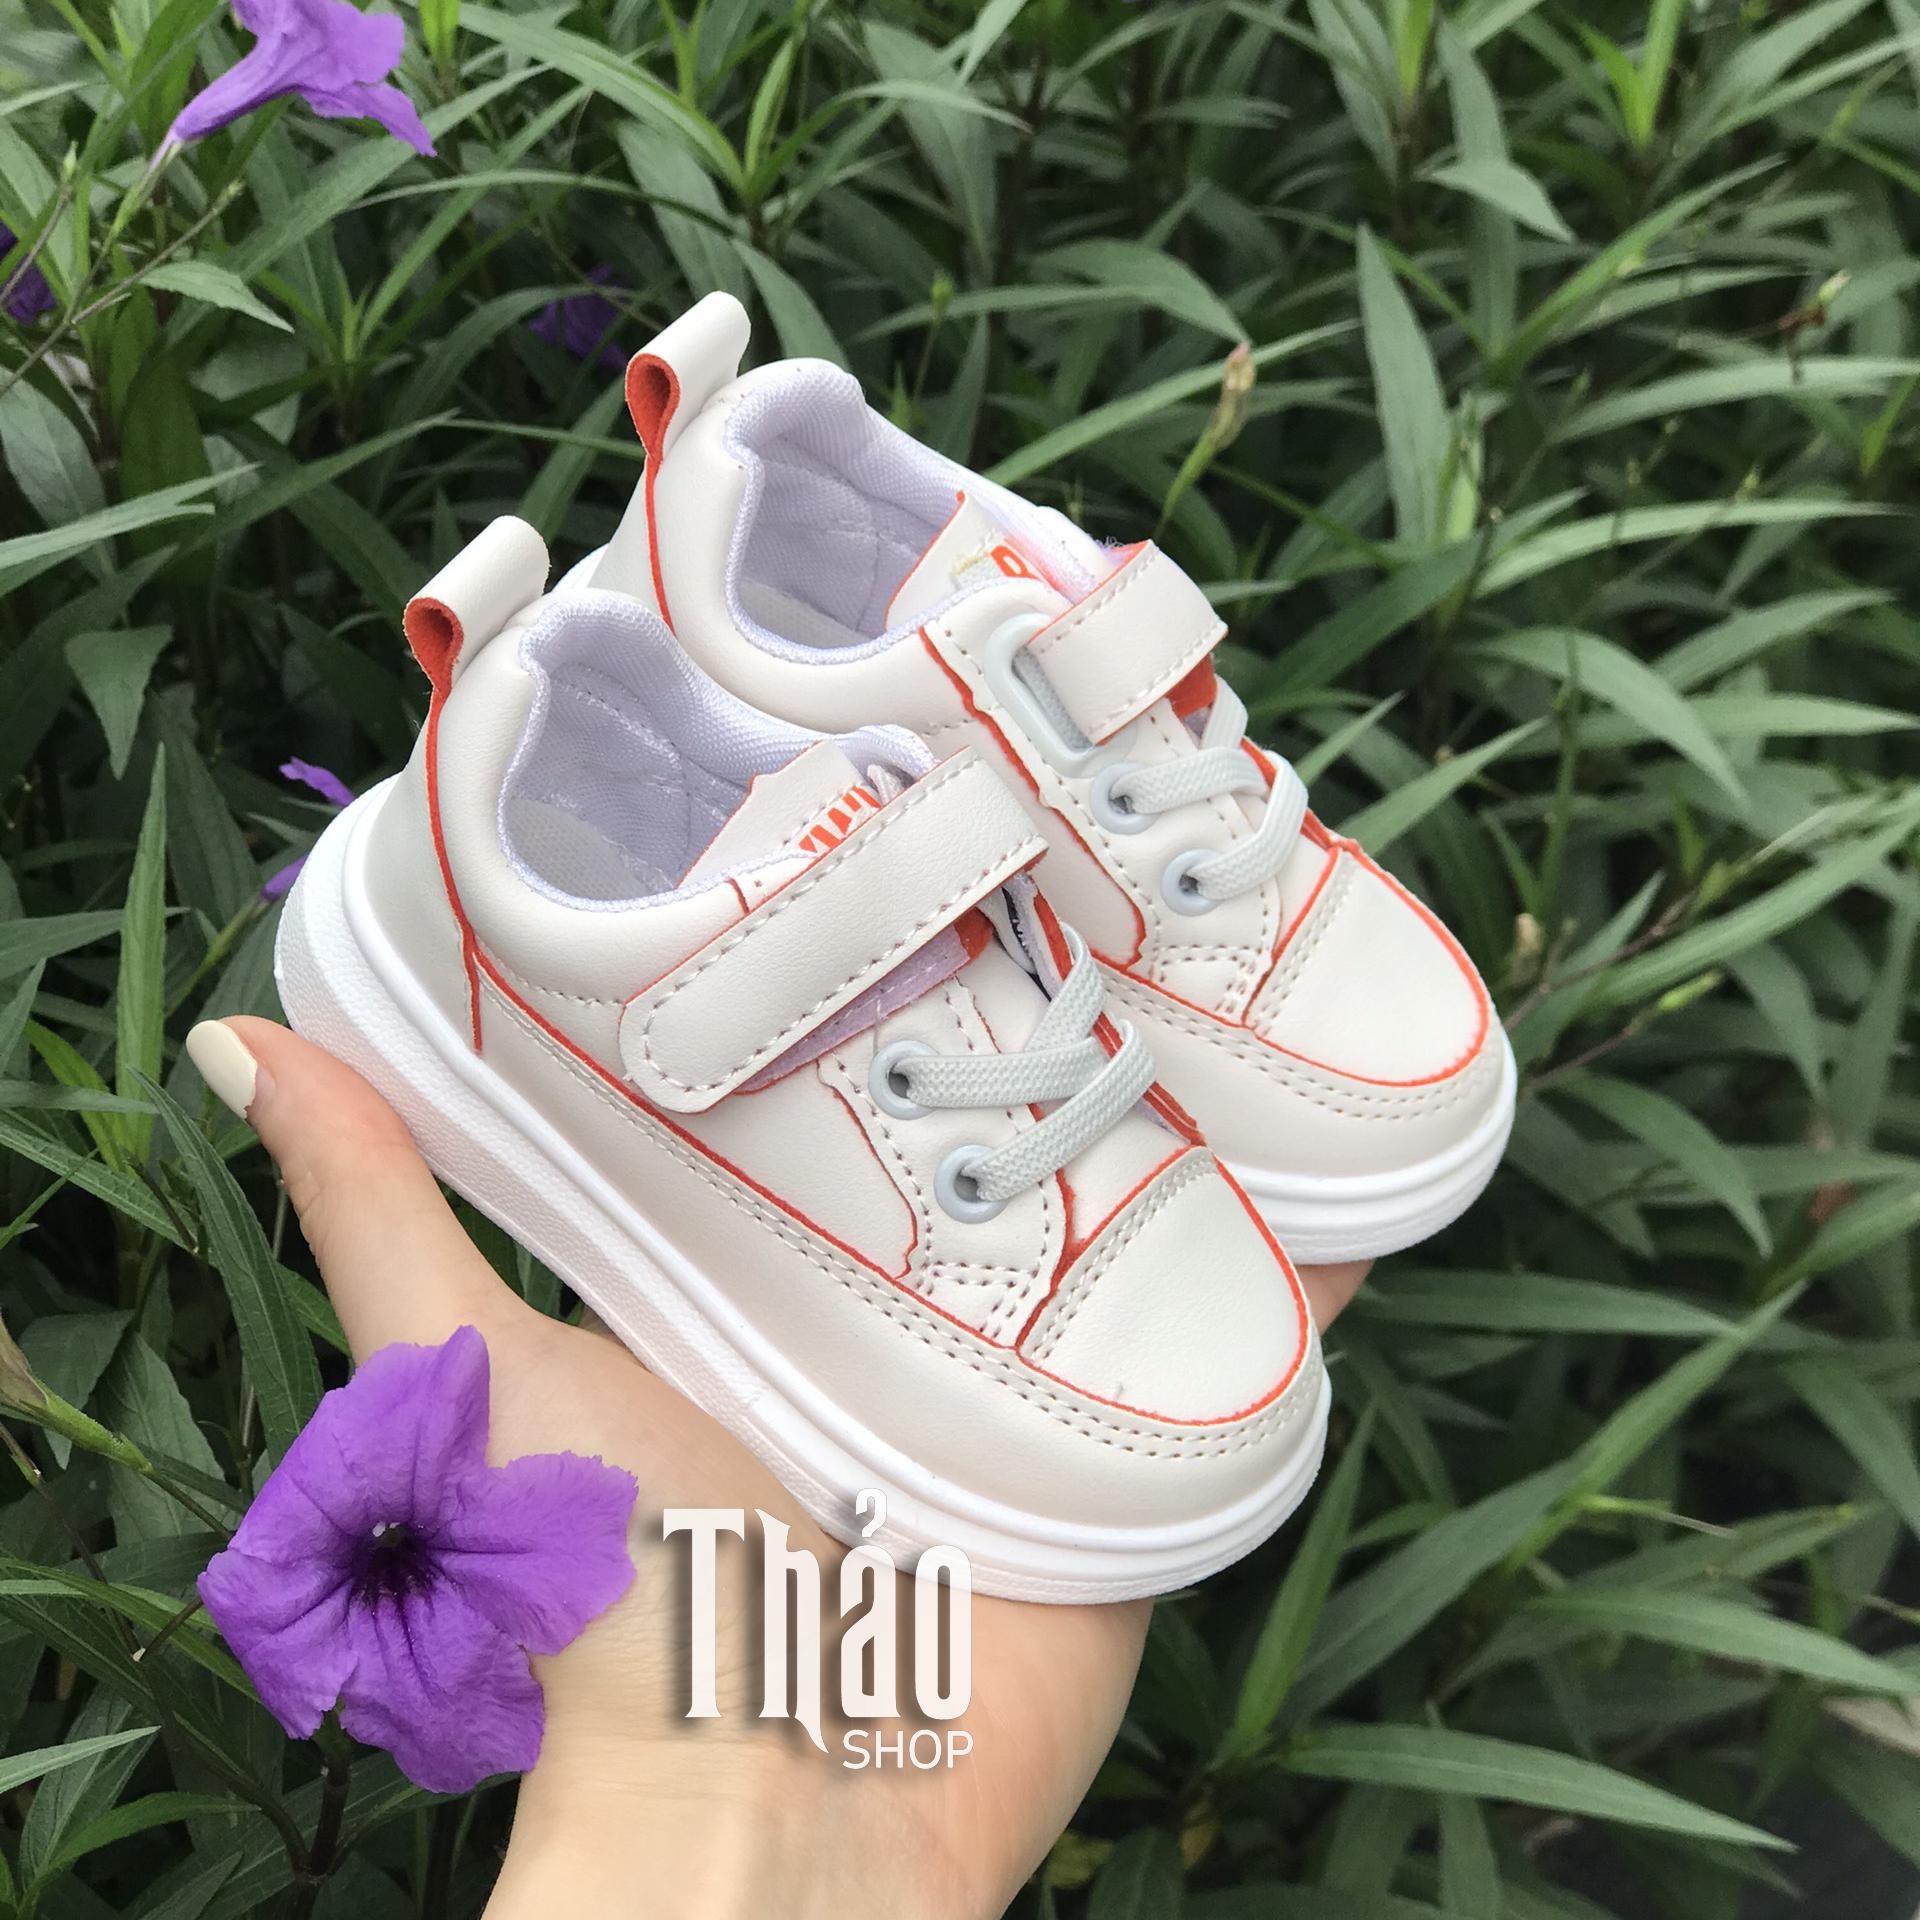 Giaytreem.vn - Địa chỉ cung cấp giày dép trẻ em uy tín, chất lượng